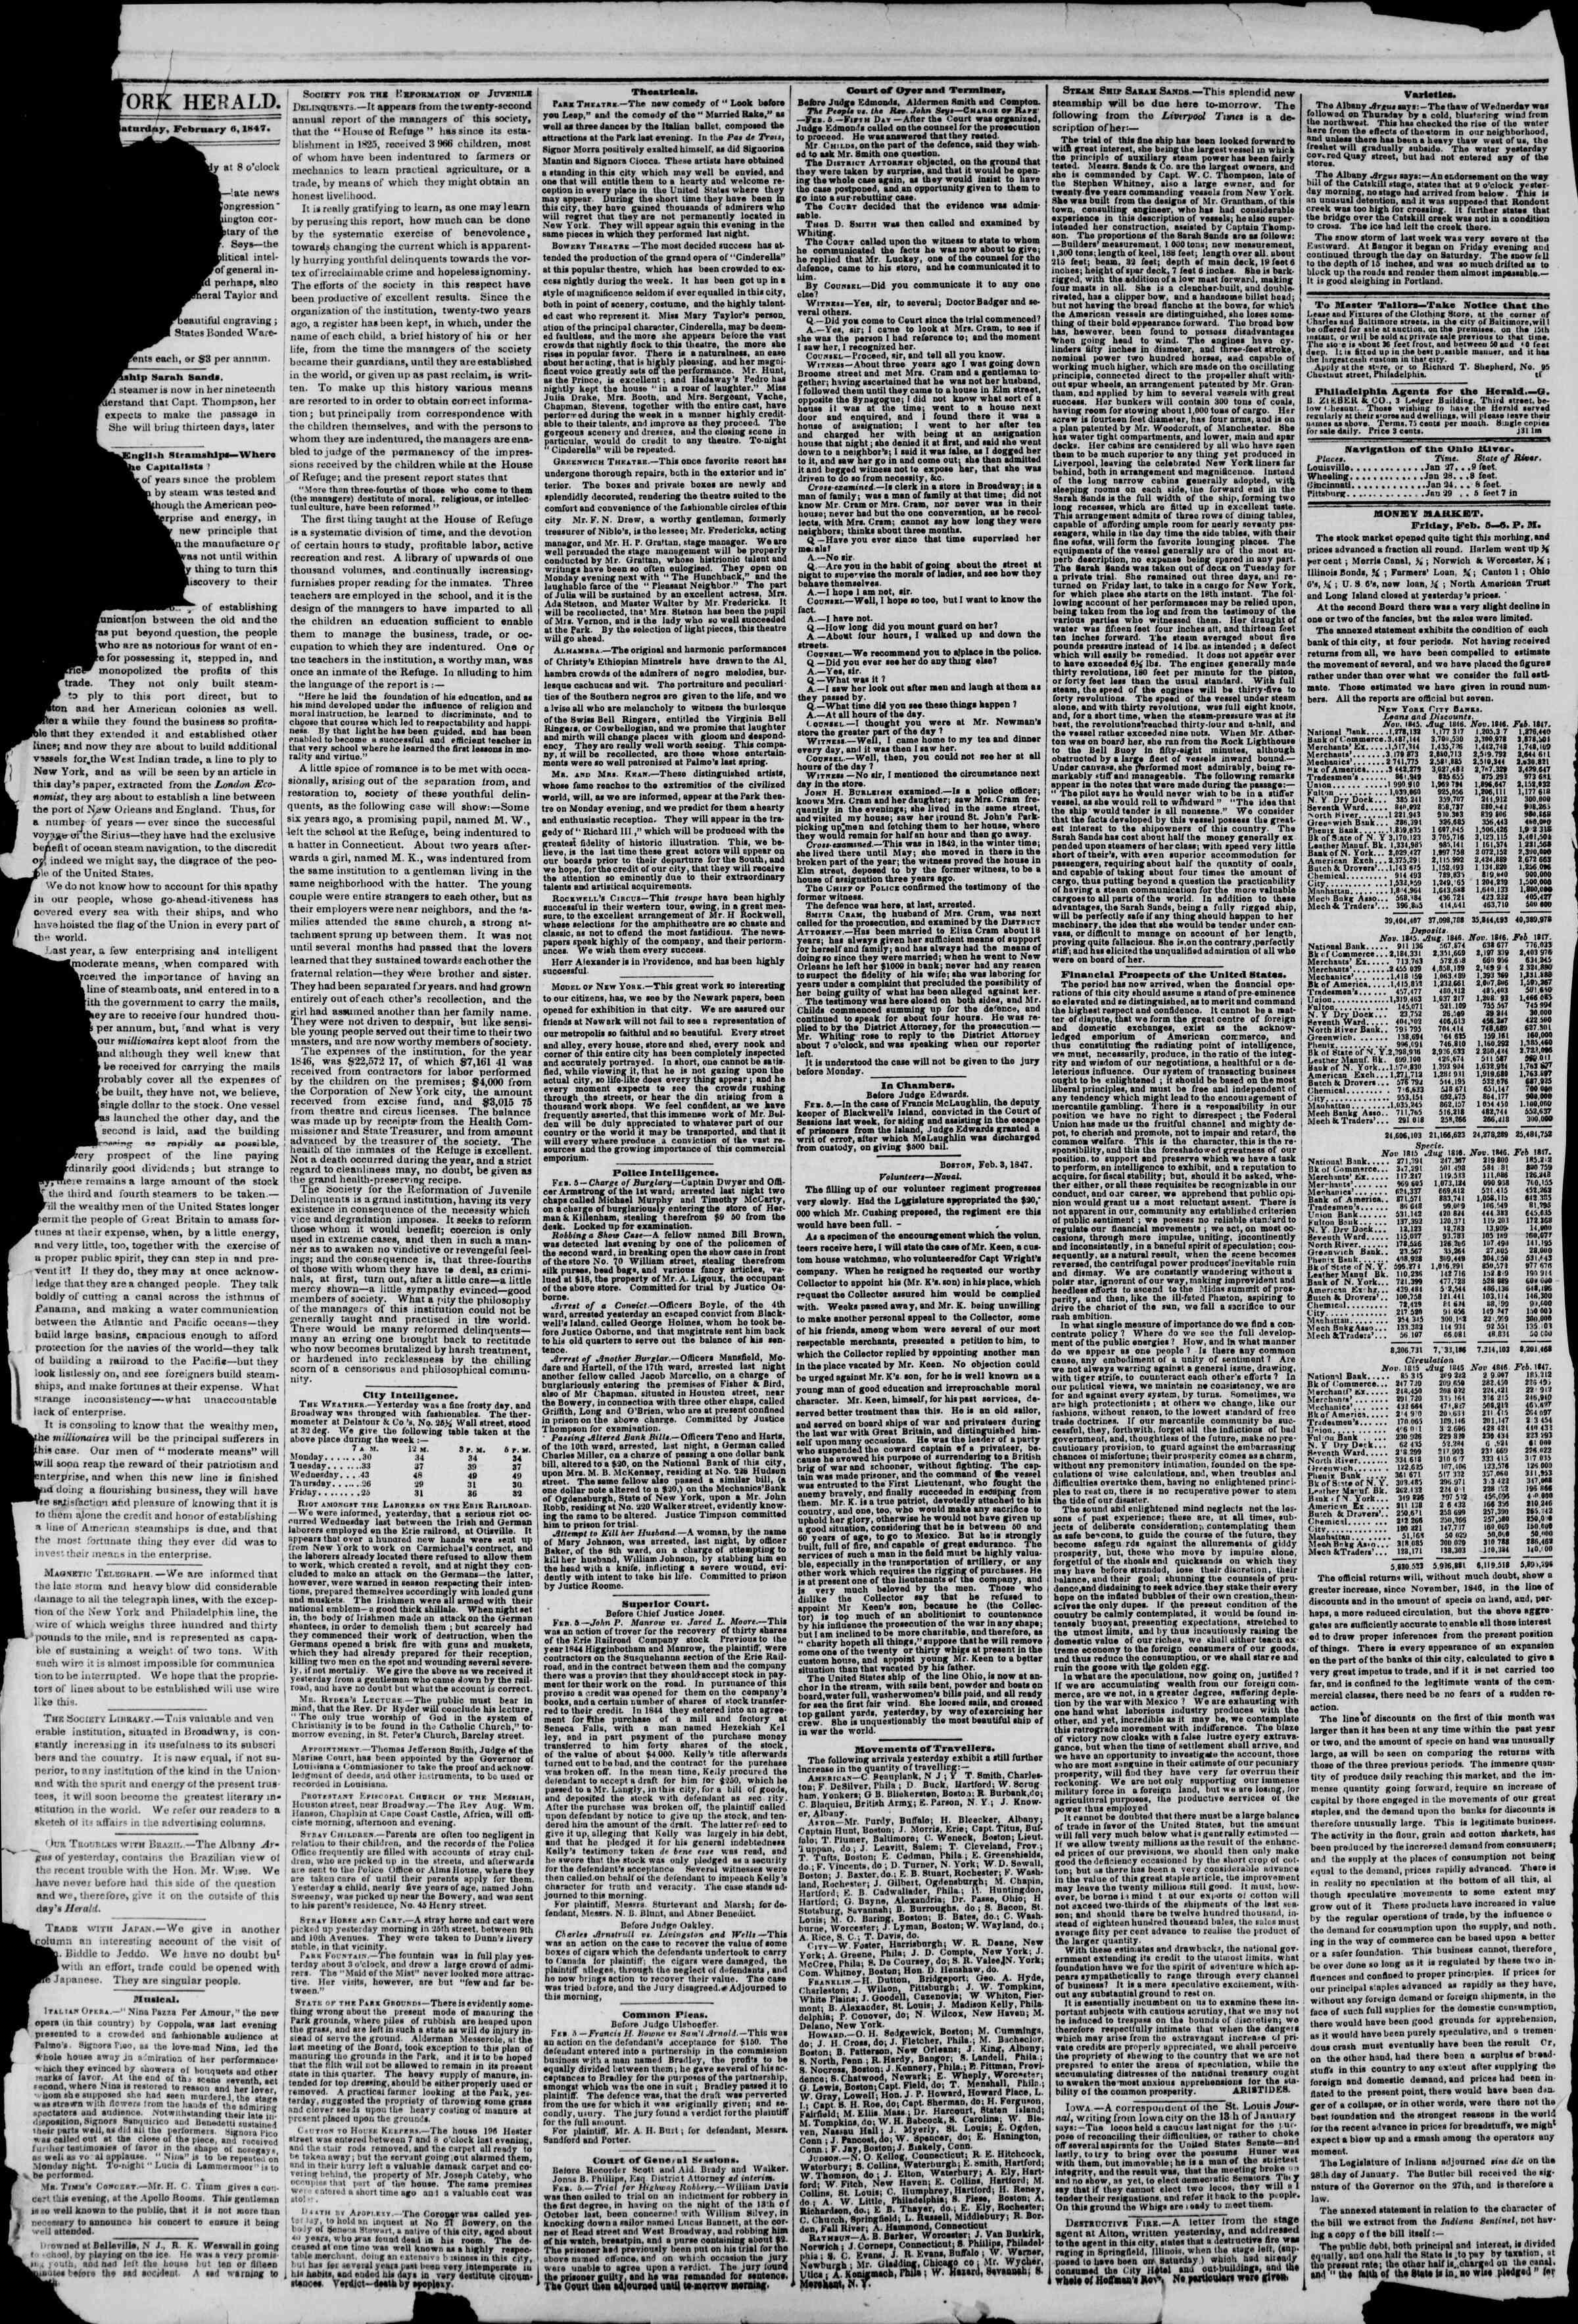 6 Şubat 1847 tarihli The New York Herald Gazetesi Sayfa 2